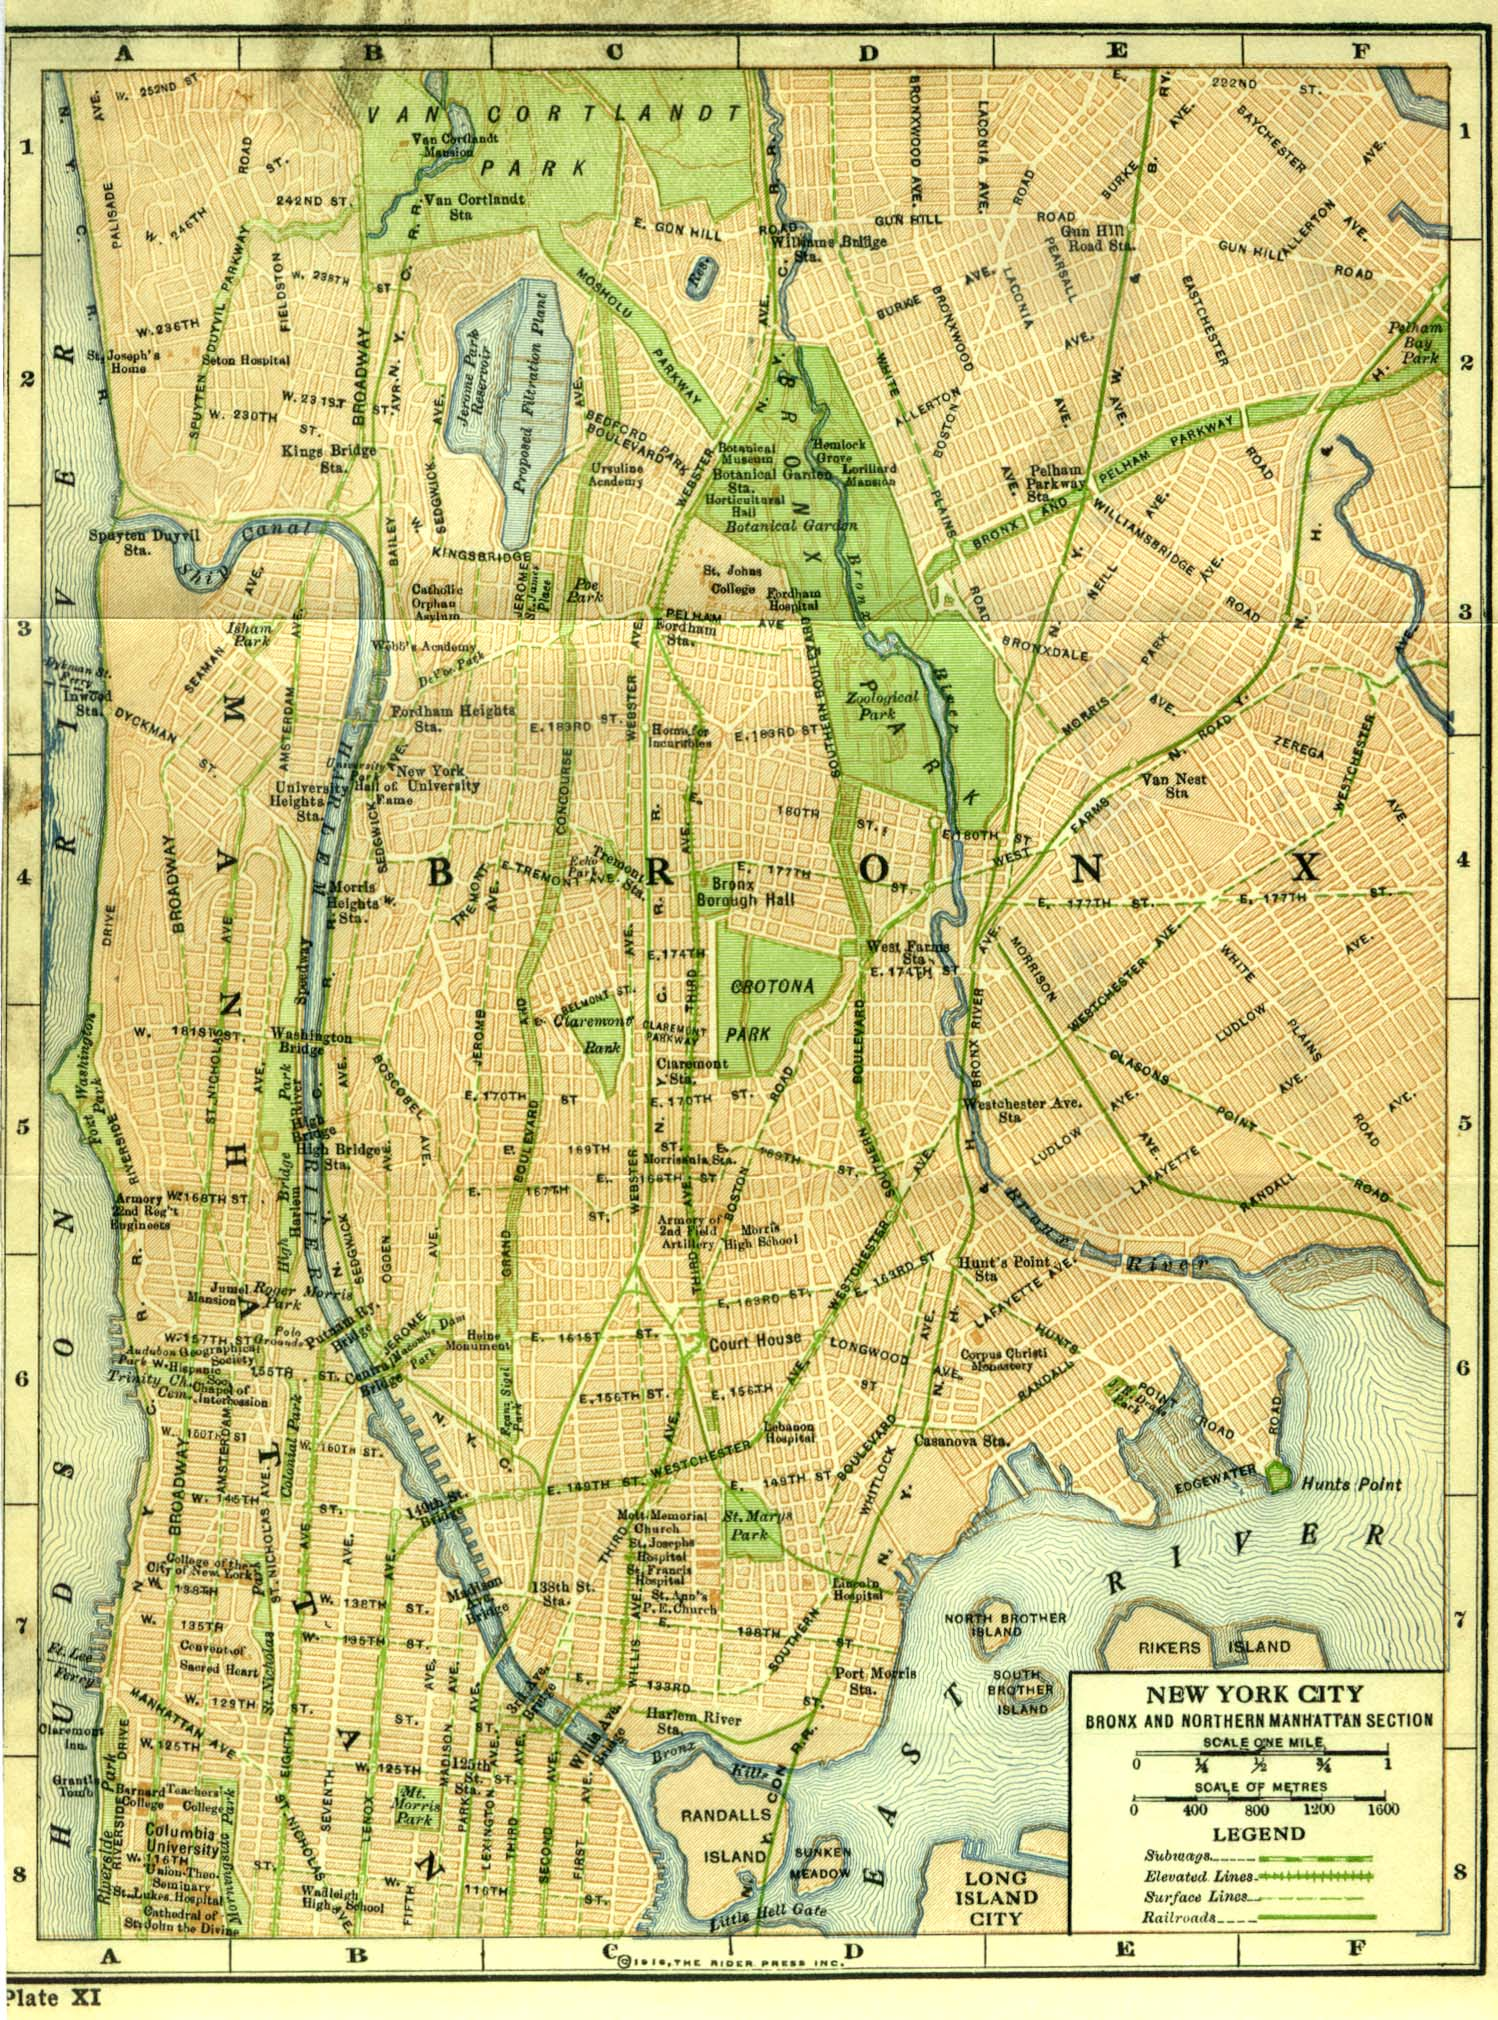 Mapa del Bronx y del Norte Manhattan, Ciudad de Nueva York, Nueva York, Estados Unidos 1916